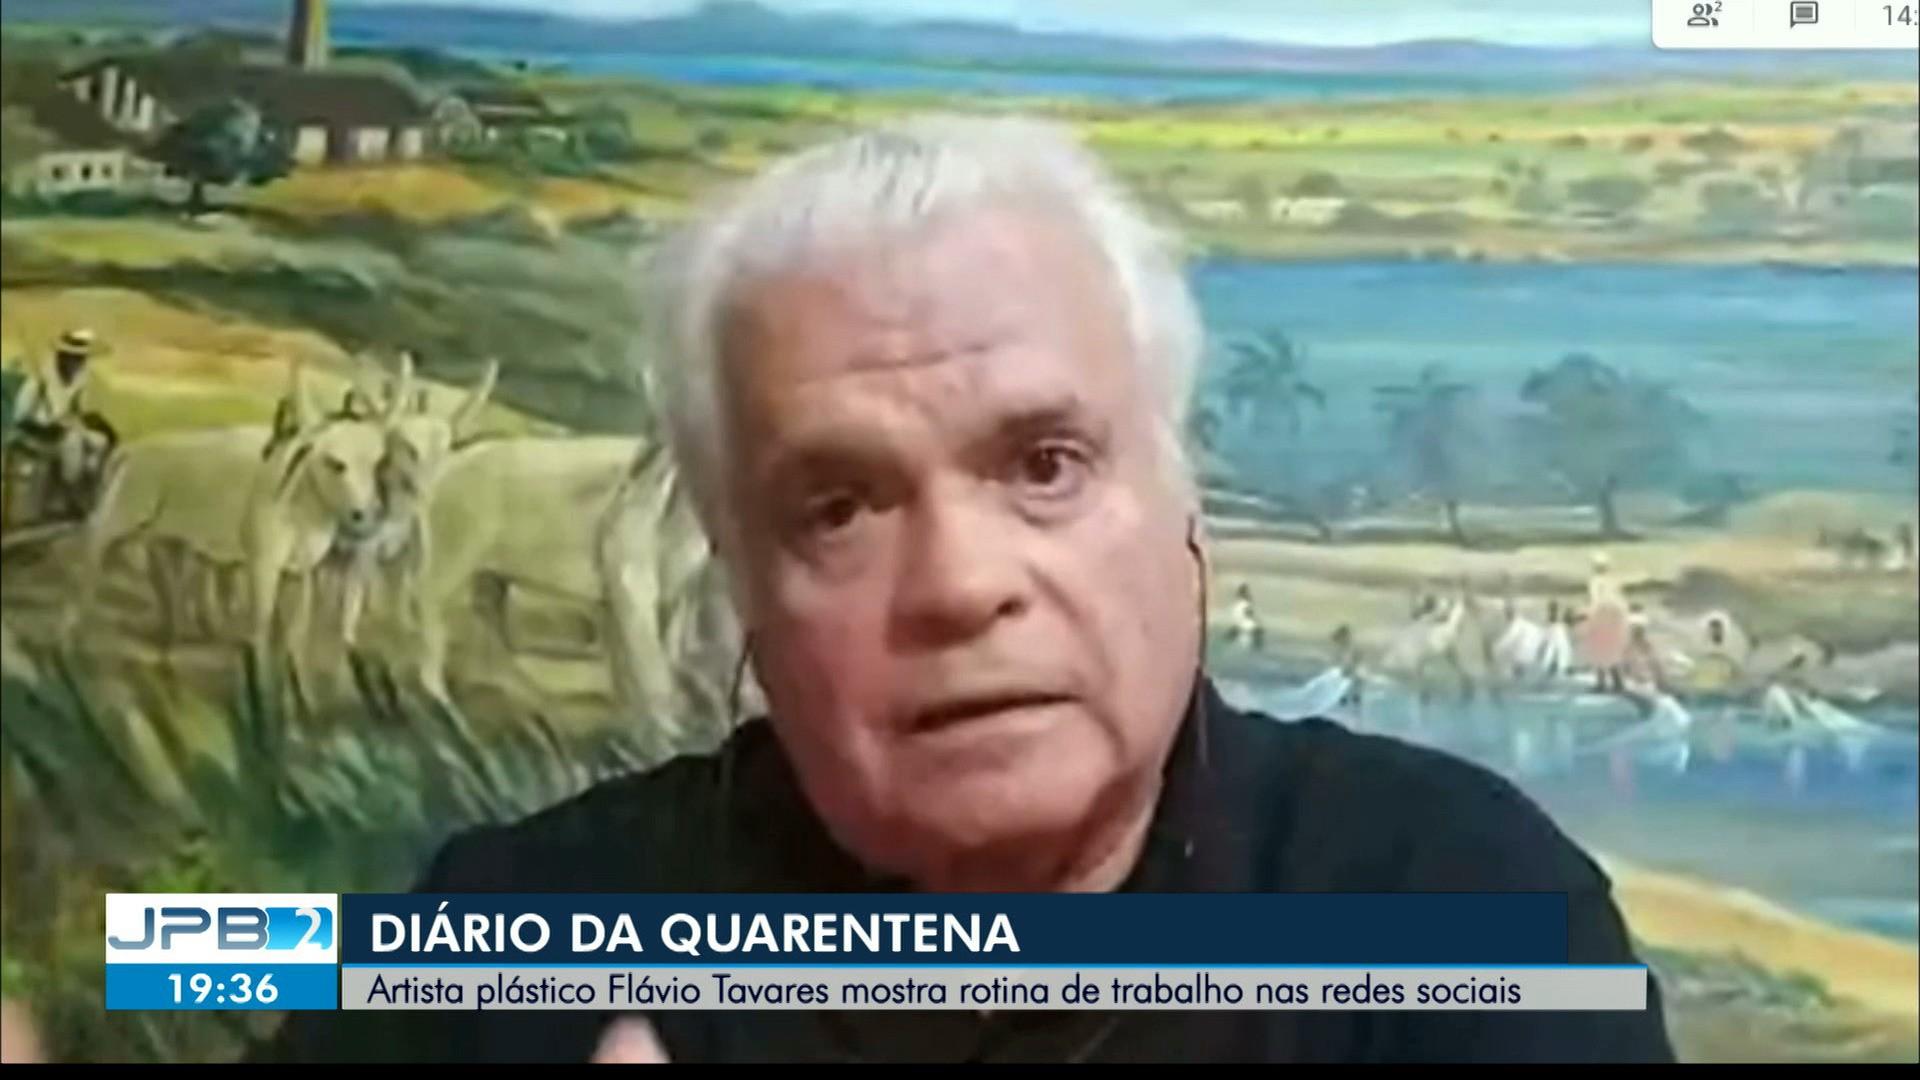 VÍDEOS: JPB2 (TV Cabo Branco) desta sexta-feira, 14 de agosto